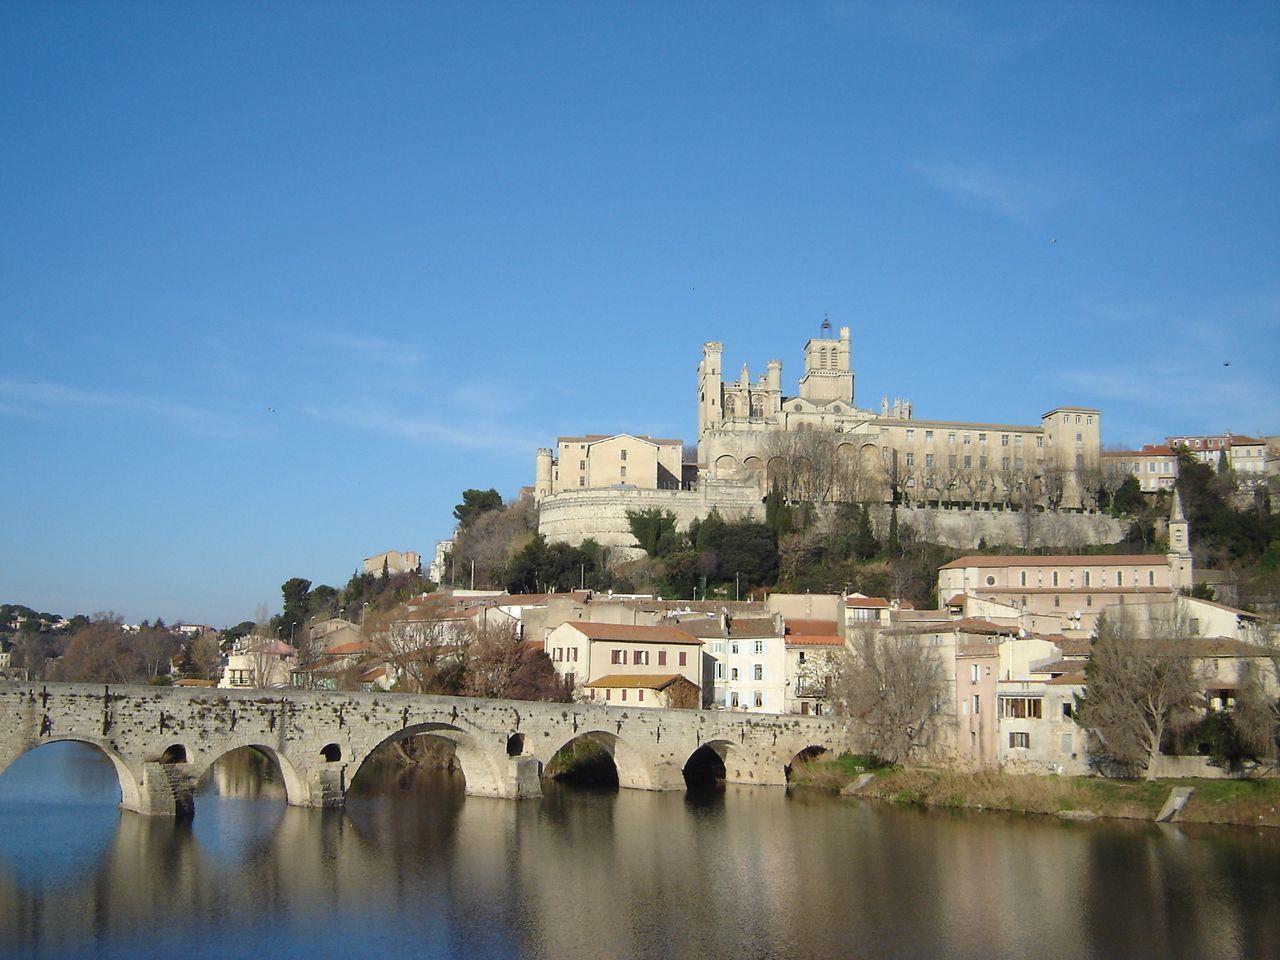 Beziers, France  Una pequeña ciudad al sur de Francia, se puede observar su catedral